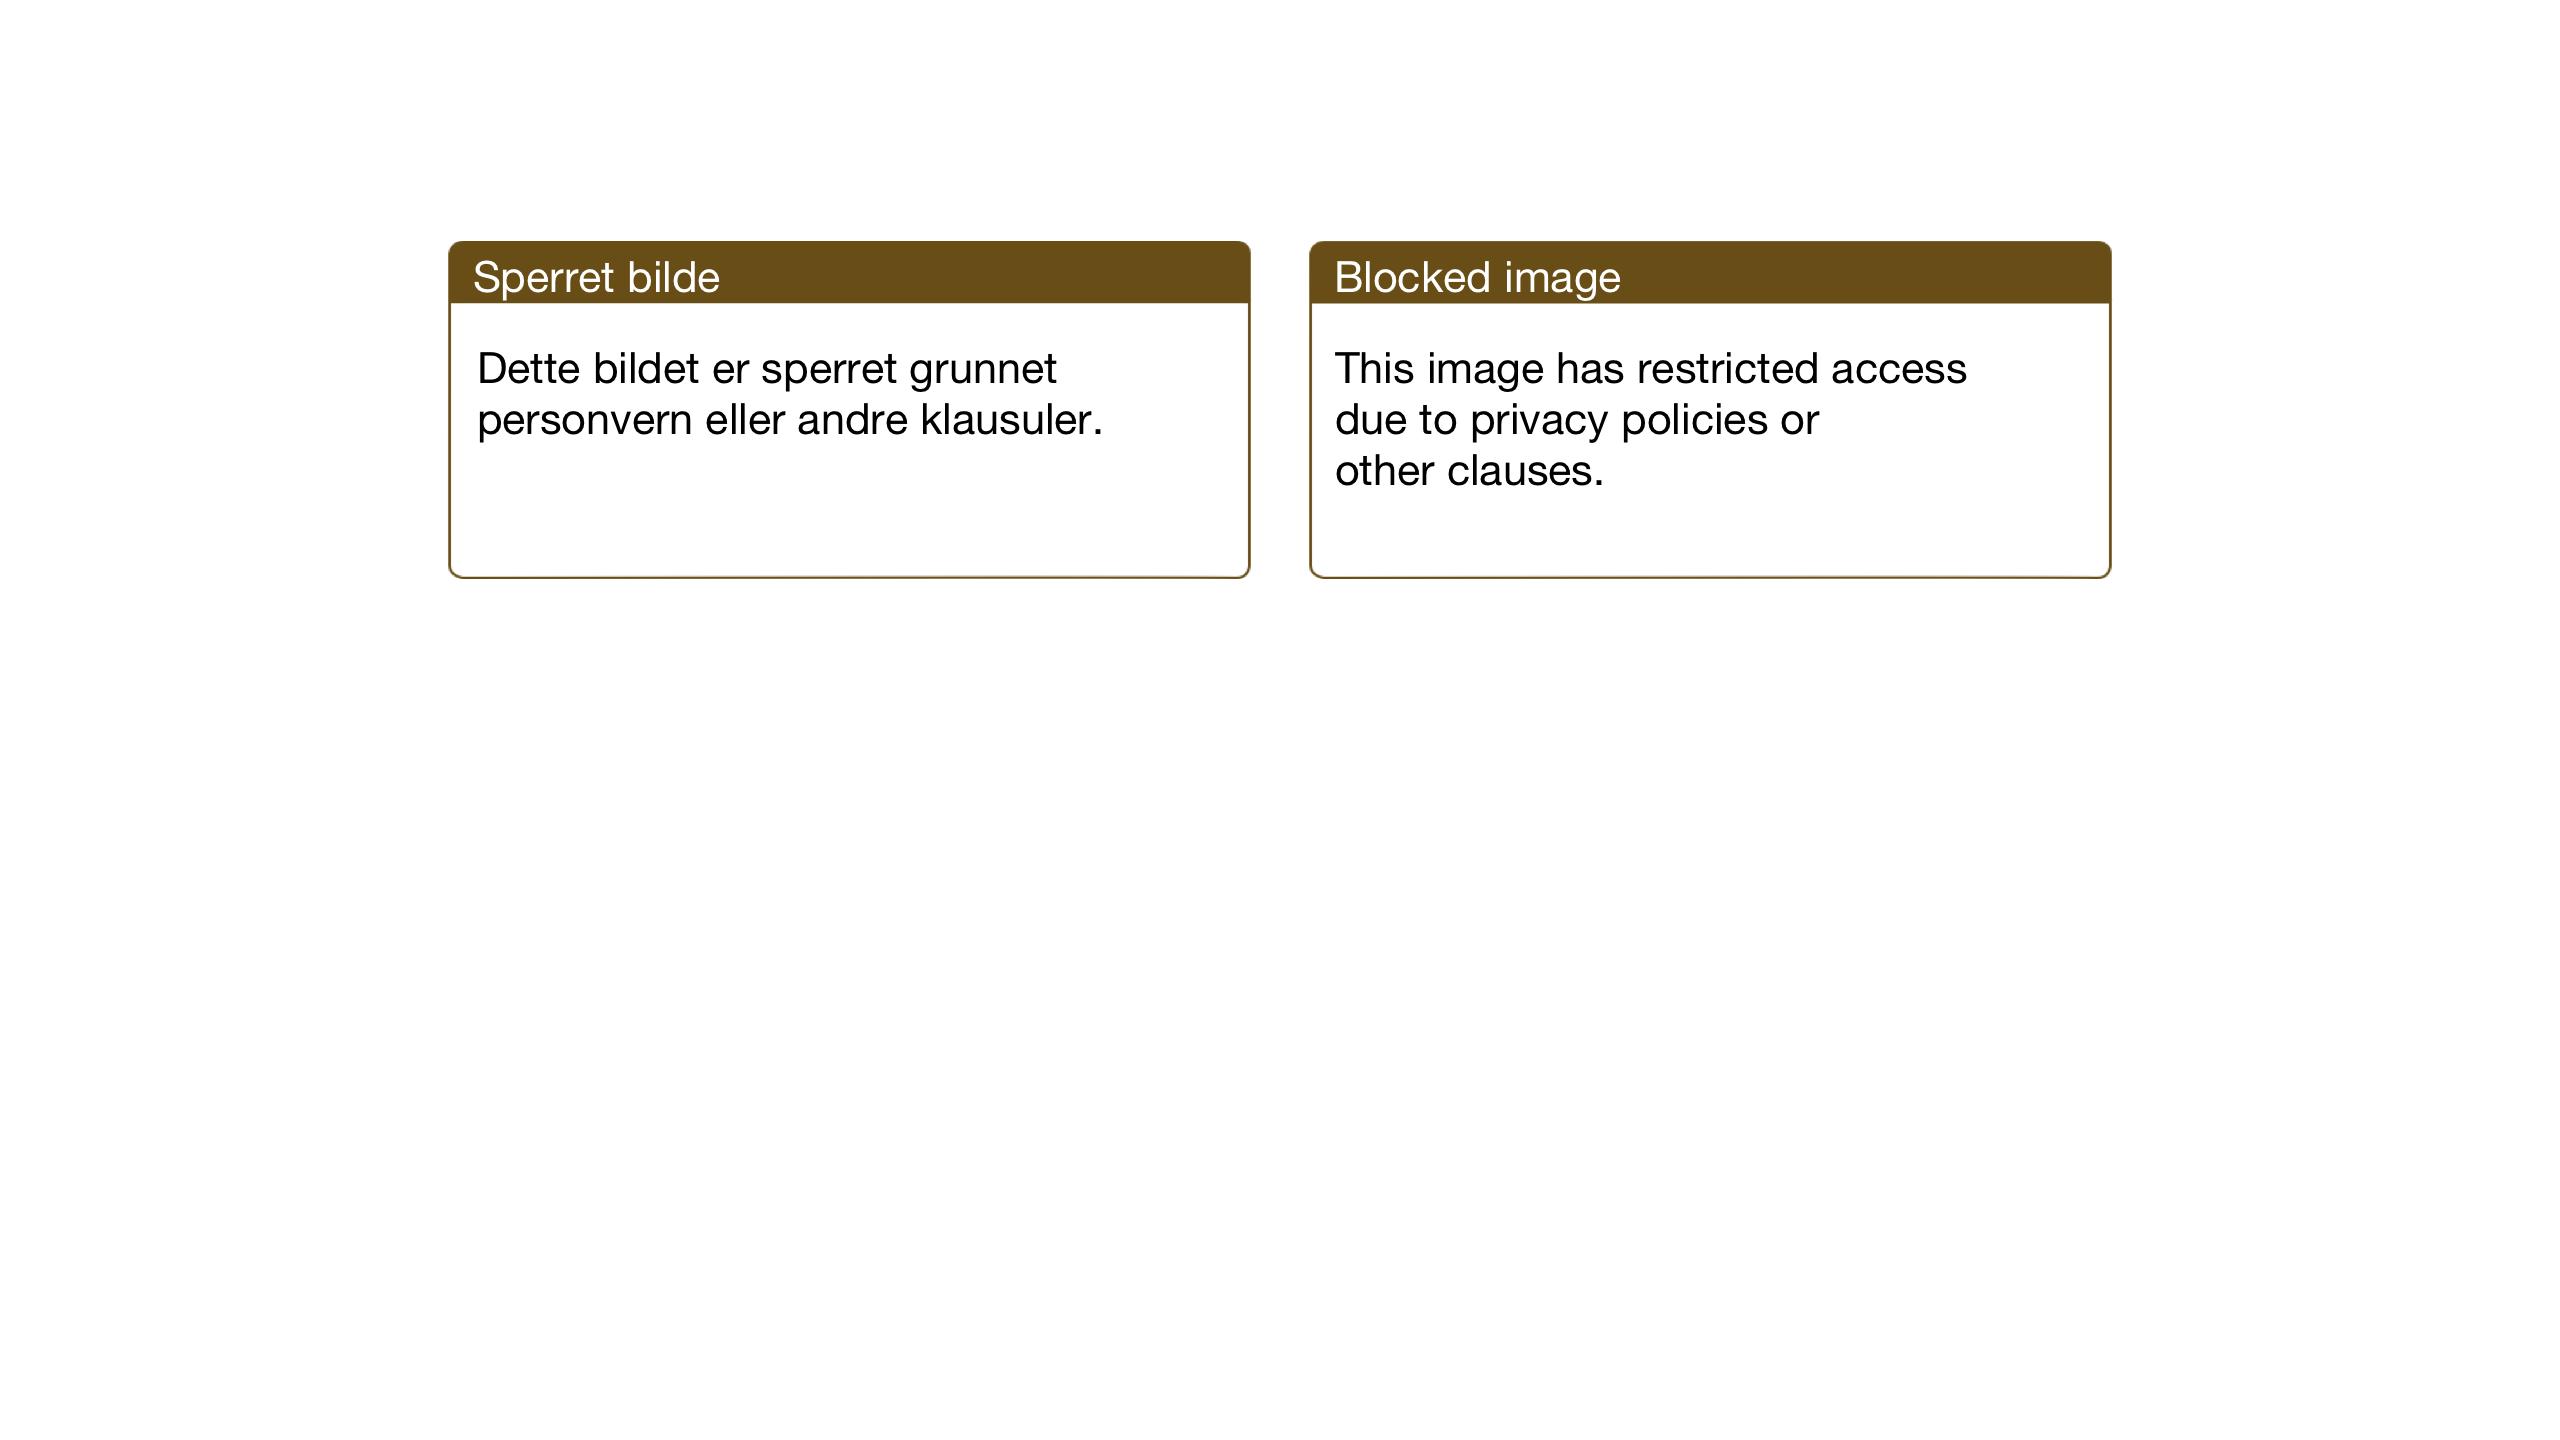 SAT, Ministerialprotokoller, klokkerbøker og fødselsregistre - Nord-Trøndelag, 744/L0425: Klokkerbok nr. 744C04, 1924-1947, s. 135